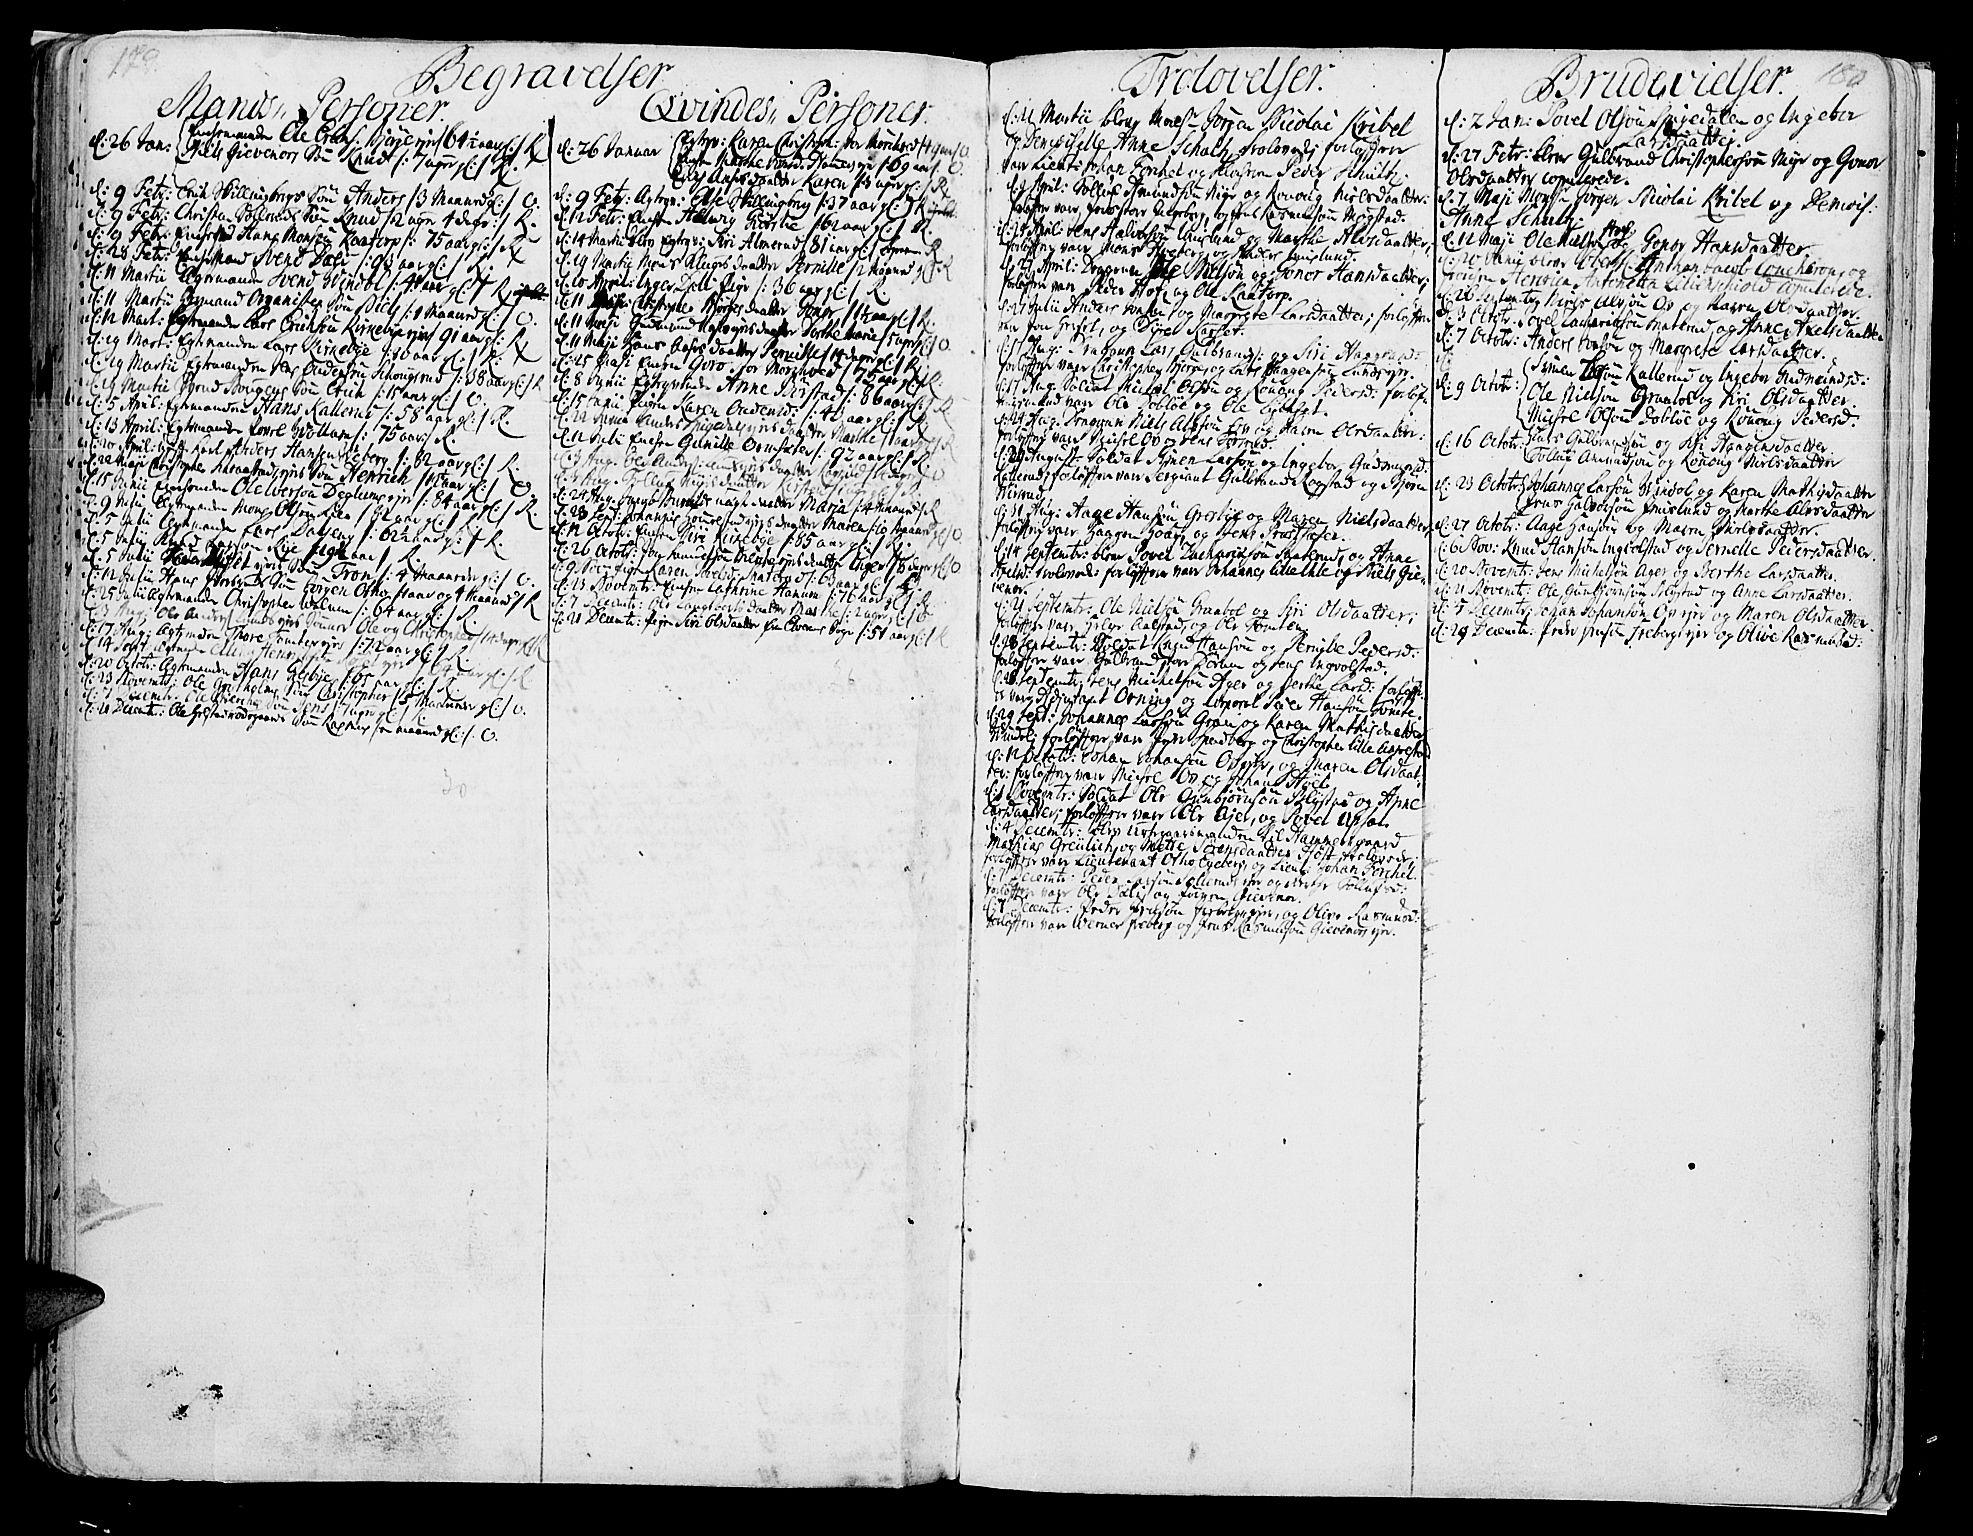 SAH, Vang prestekontor, Hedmark, H/Ha/Haa/L0002A: Ministerialbok nr. 2A, 1713-1733, s. 179-180